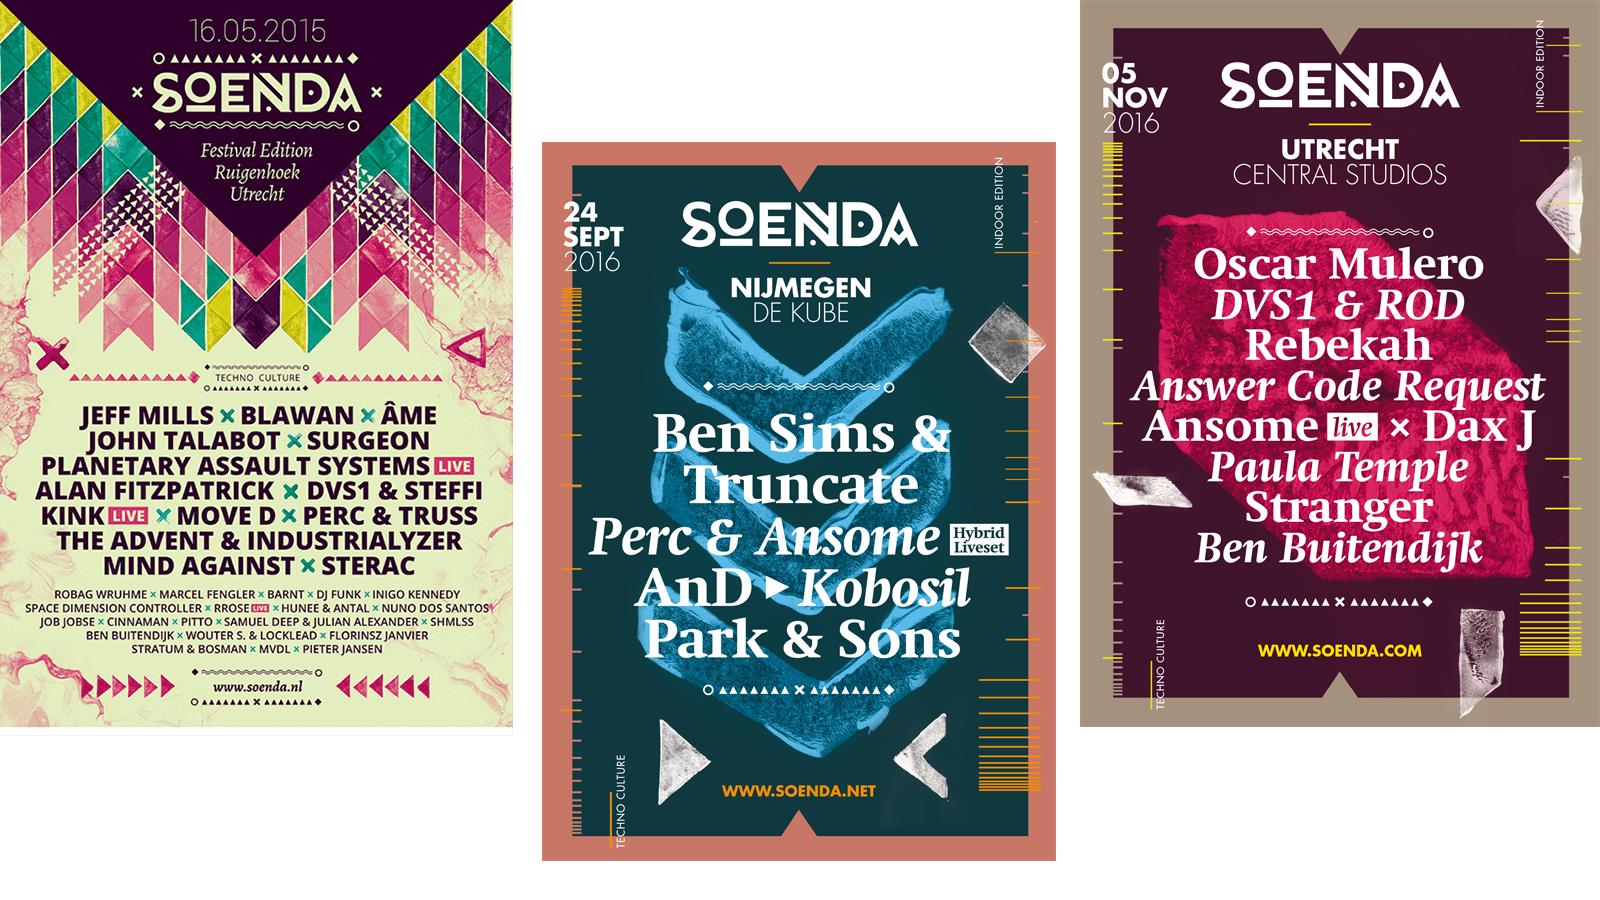 Soenda-Posters-04